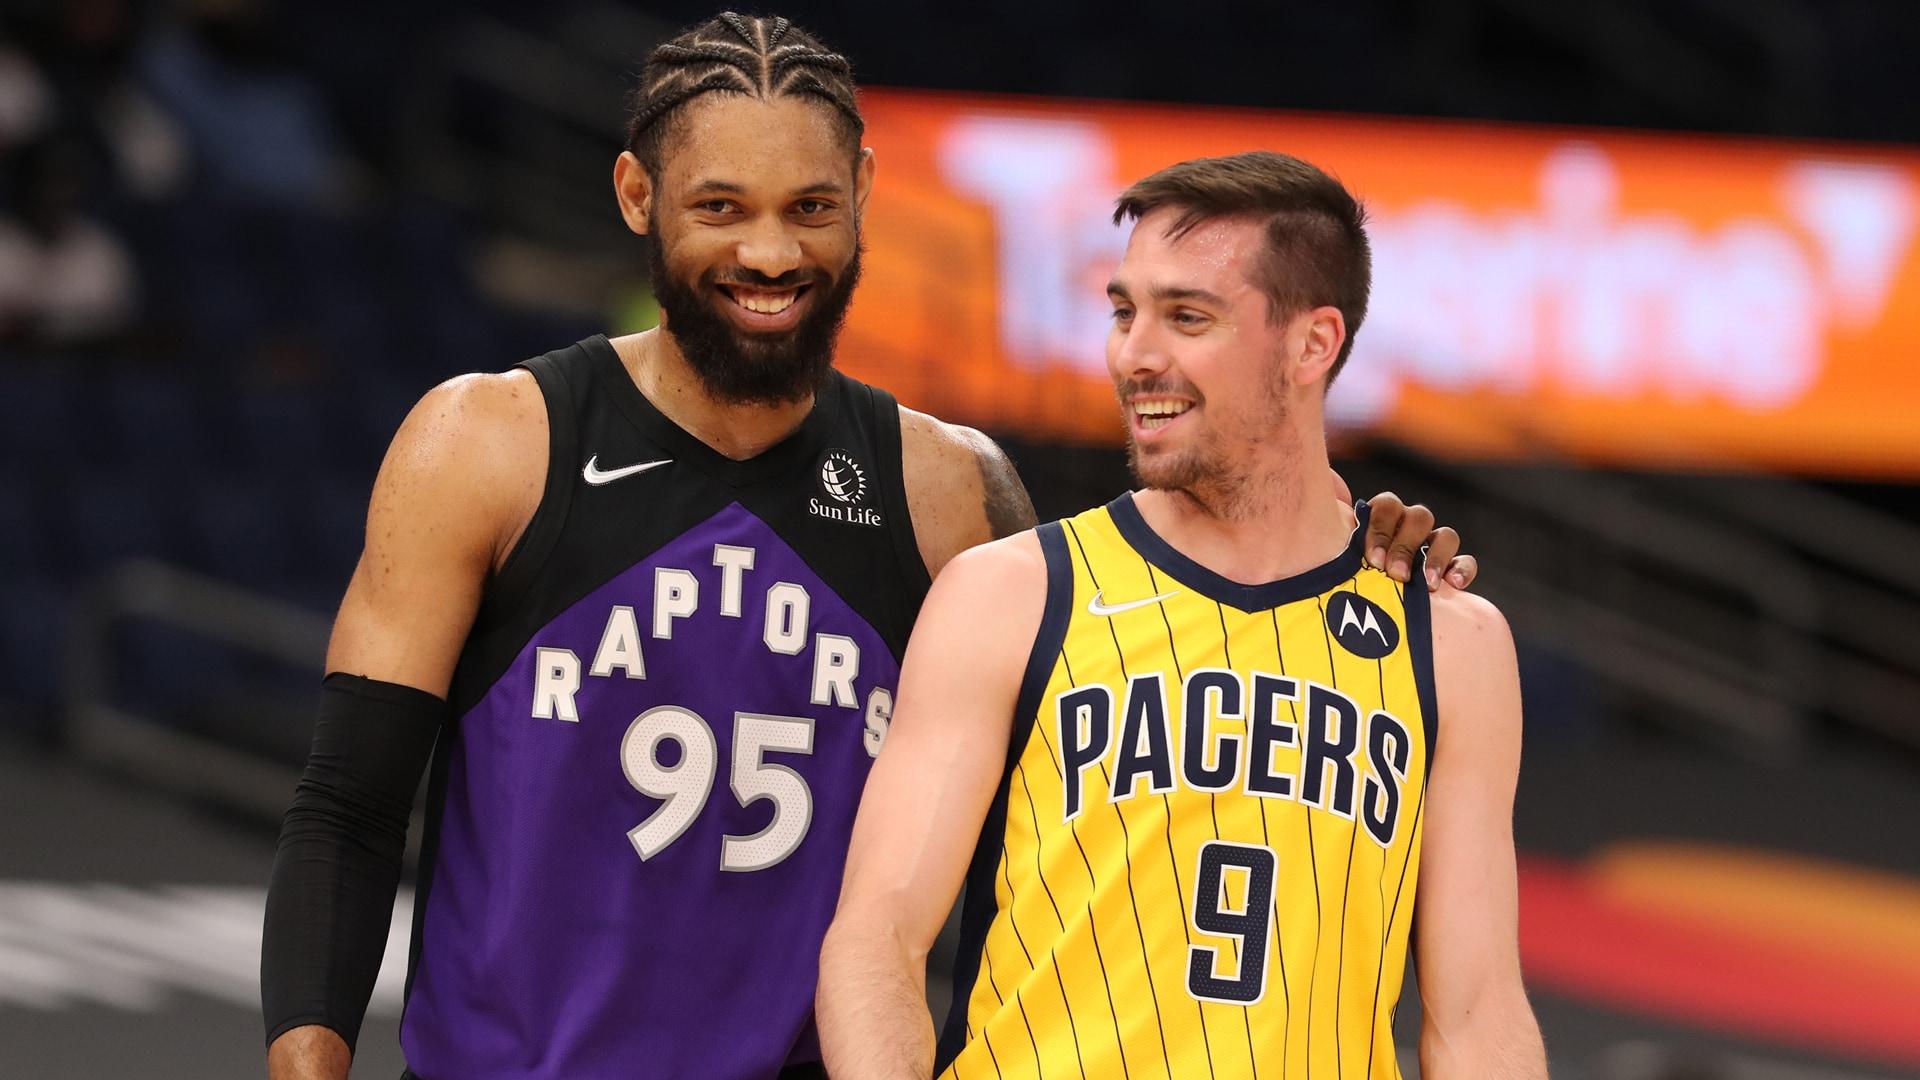 Game Recap: Pacers 125, Raptors 113